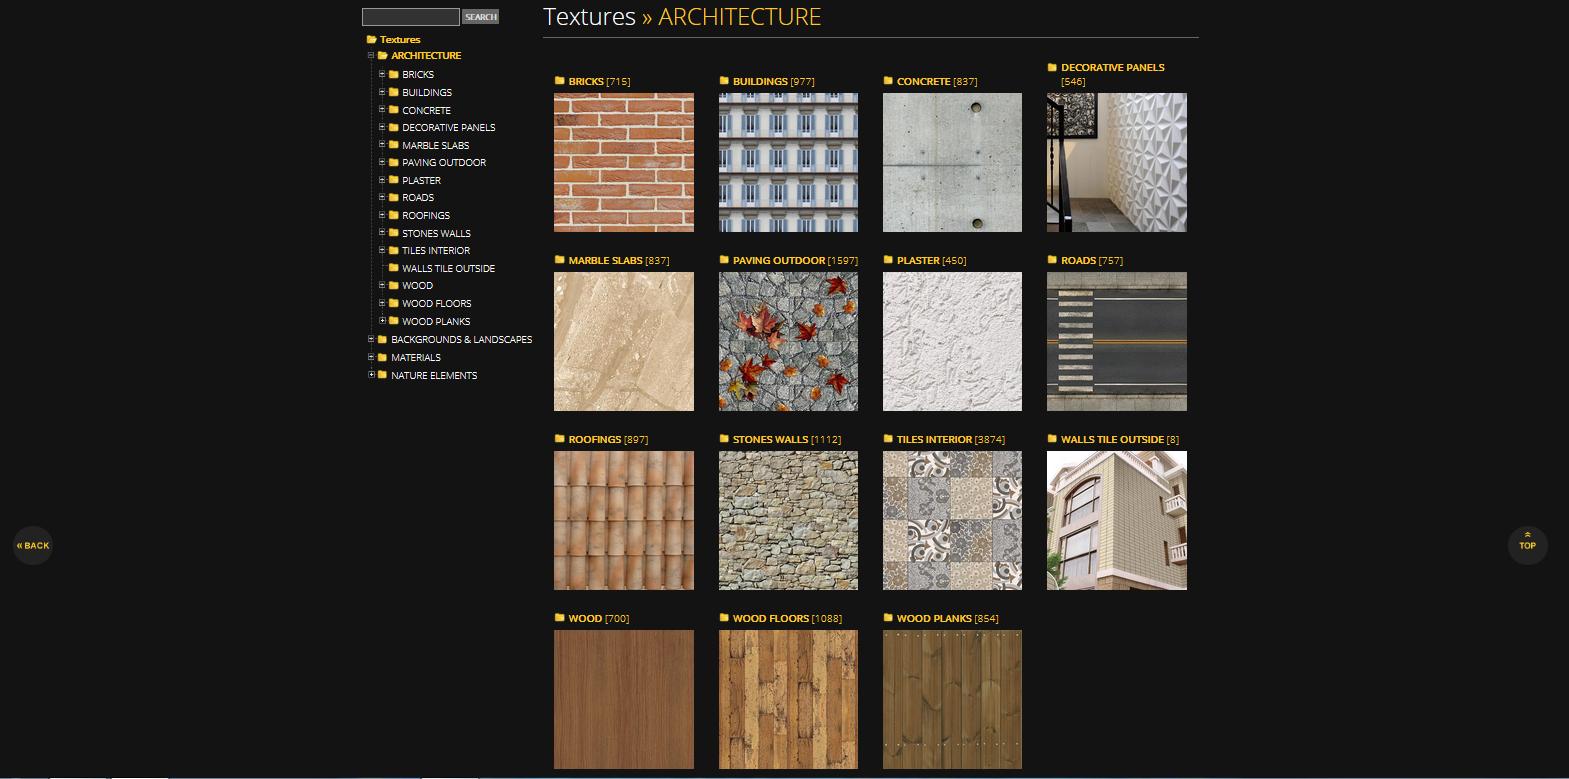 Darmowe tekstury od Sketchup Texture Club - Blog